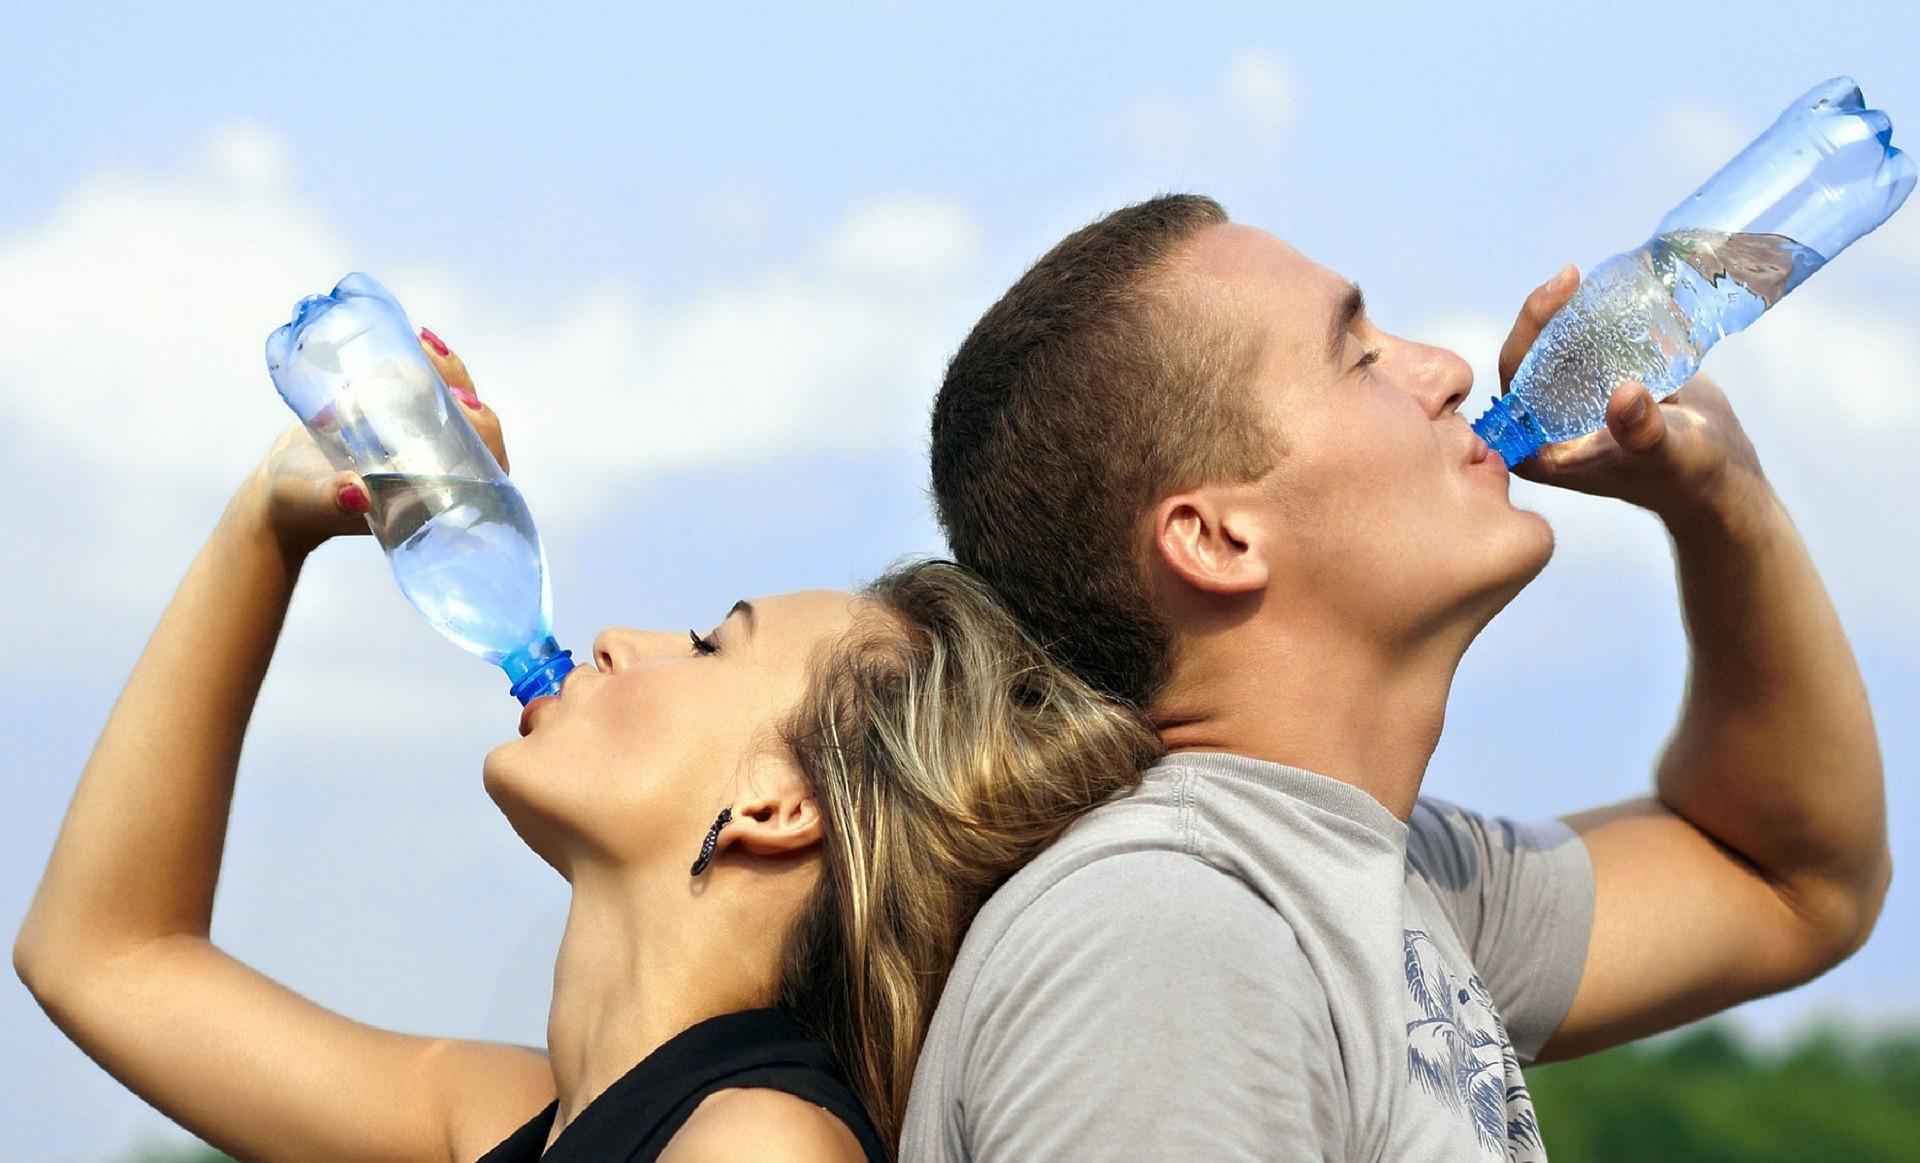 Drinking water filter singapore 1235578 1920